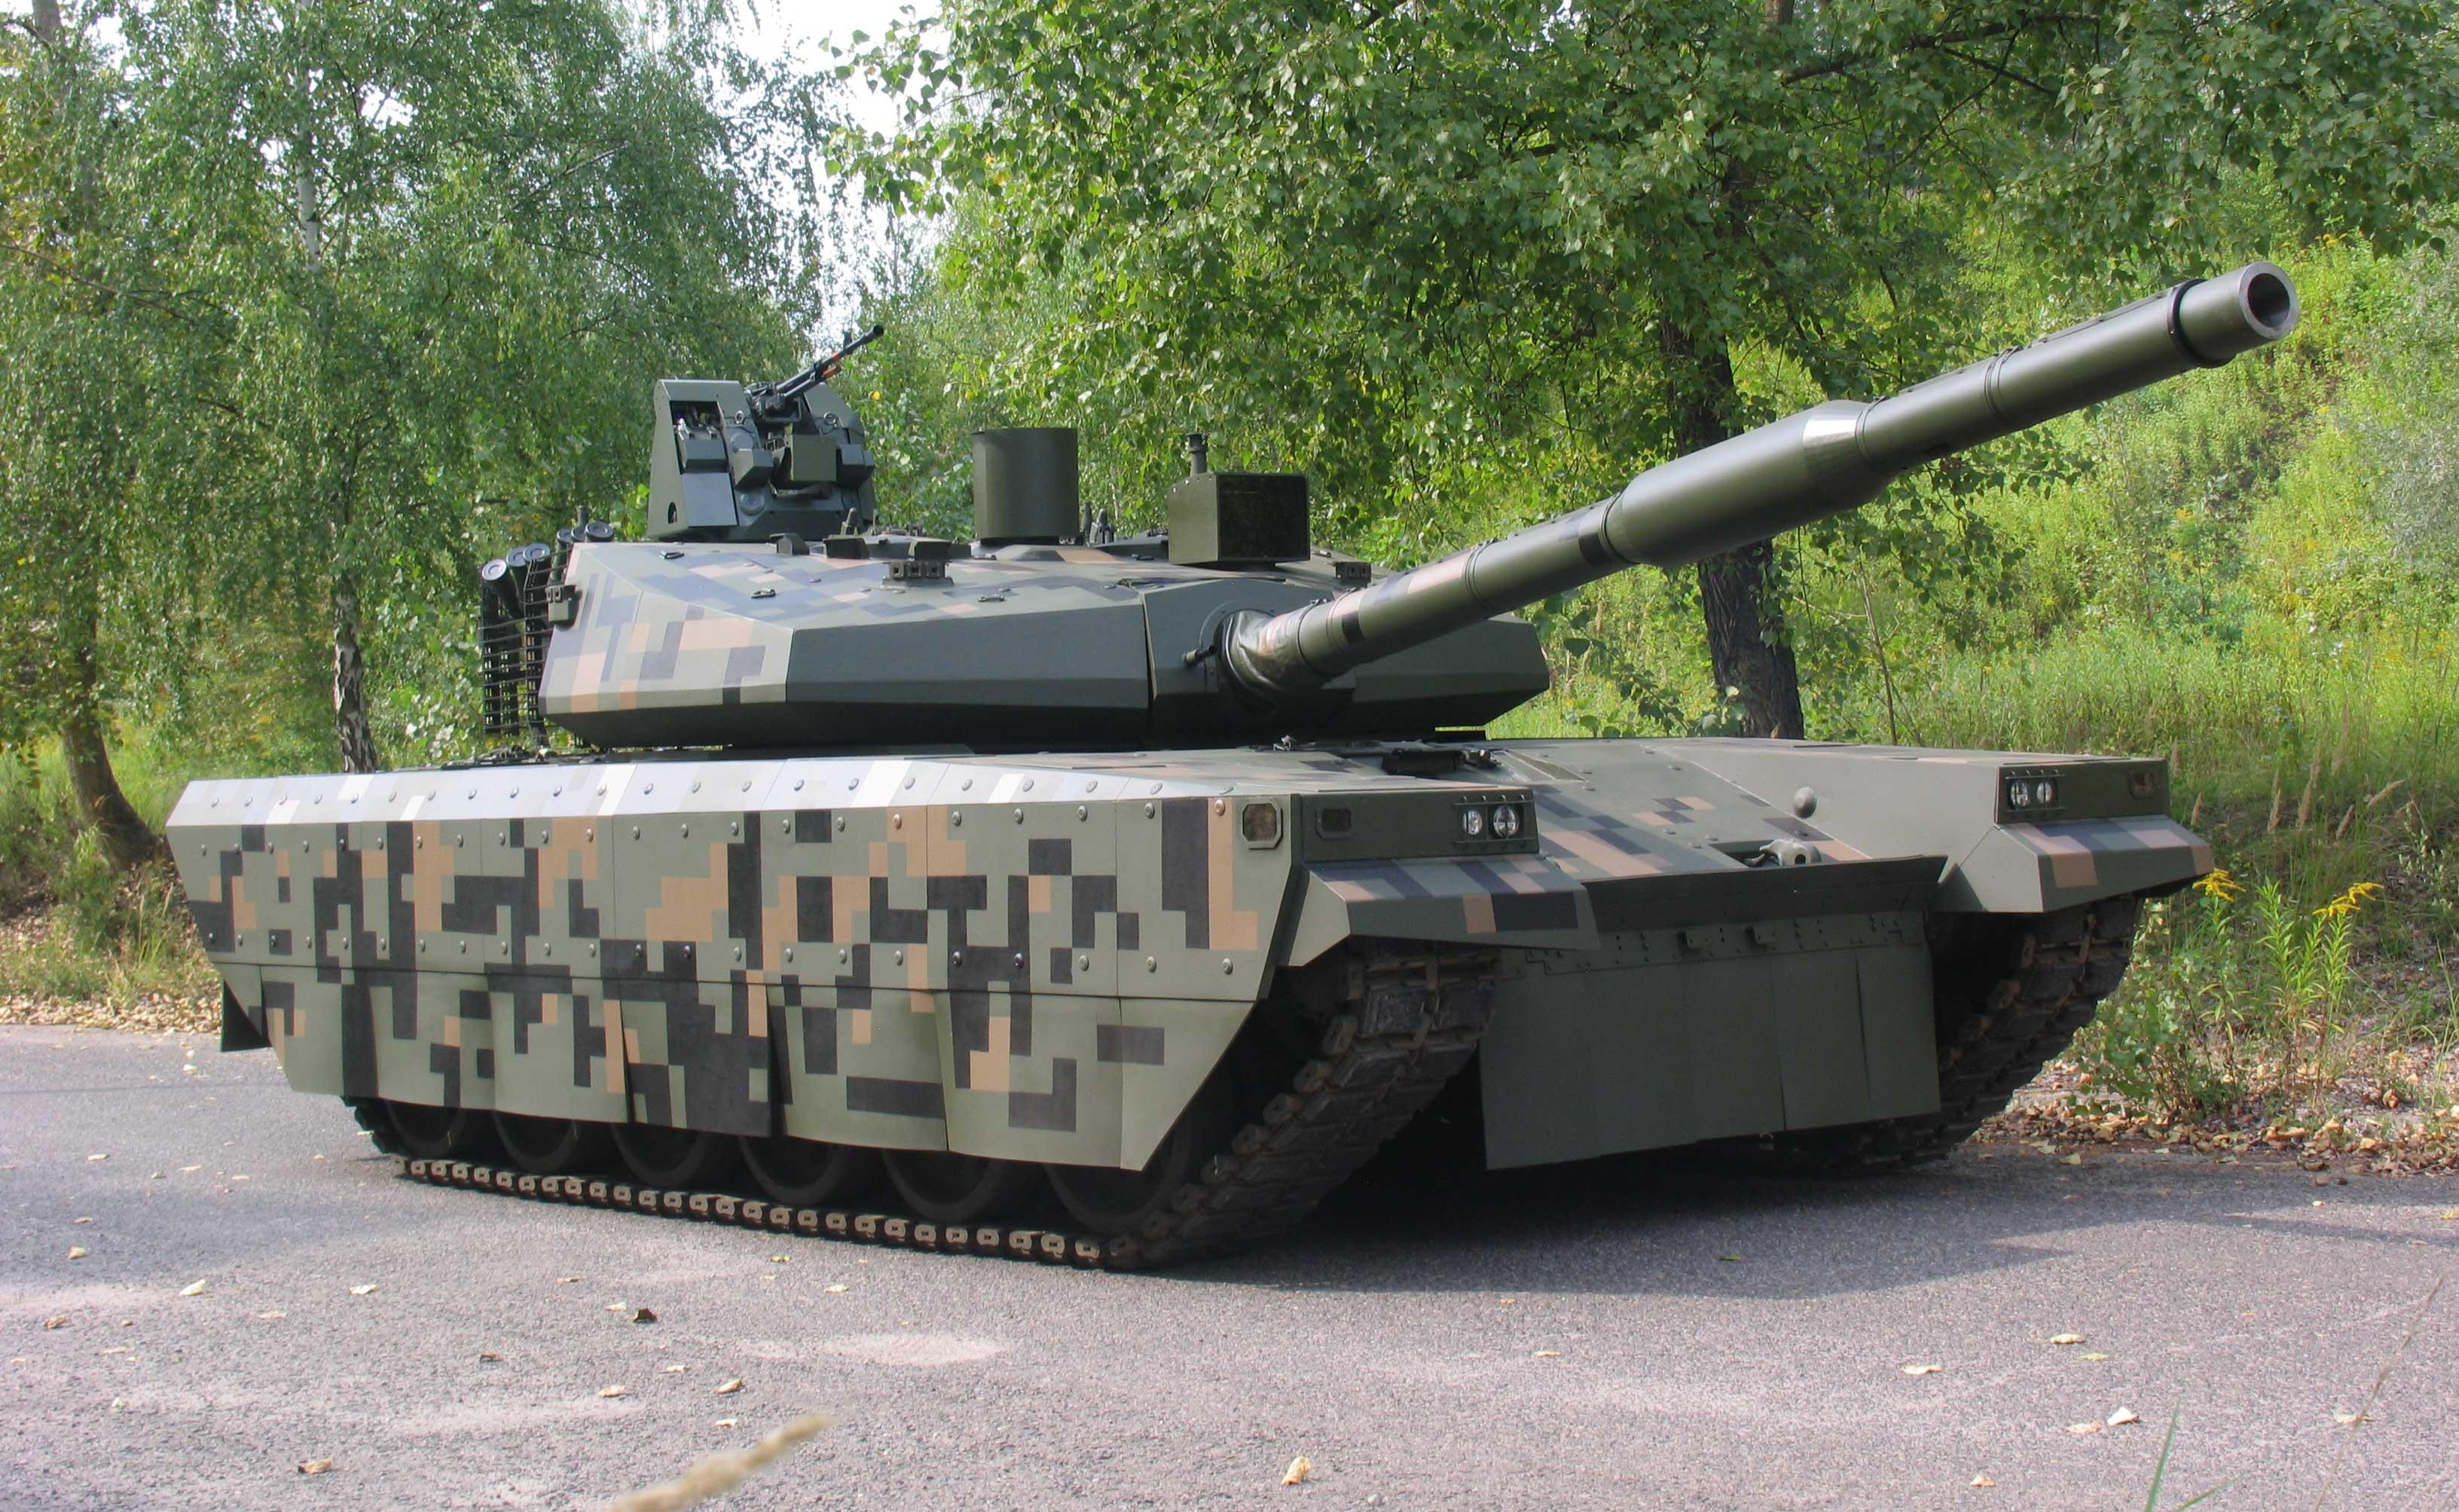 PT-16 – kolejne ogniwo w ewolucji Twardego. Domostrator PT-16 w całej okazałości. Nowa wieża i osłony układu jezdnego sprawiają, że czołg ma sylwetkę, którą trudno skojarzyć z wozami T-72/PT-91.